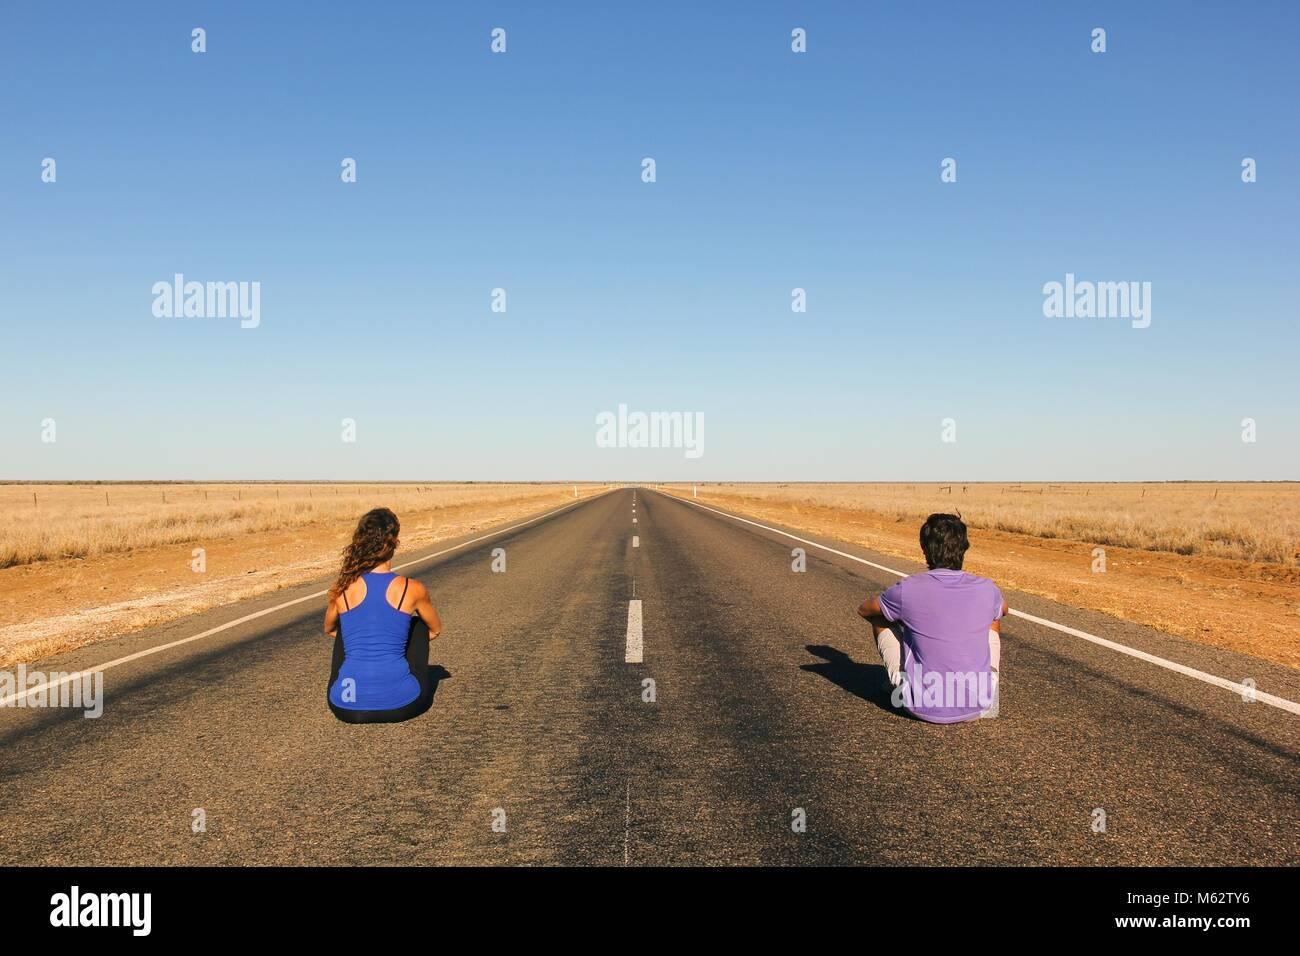 Coppia giovane da dietro seduti su un infinito vuoto dritta strada in mezzo al nulla nell'Outback australiano. Backpackers, concetto visionario Foto Stock